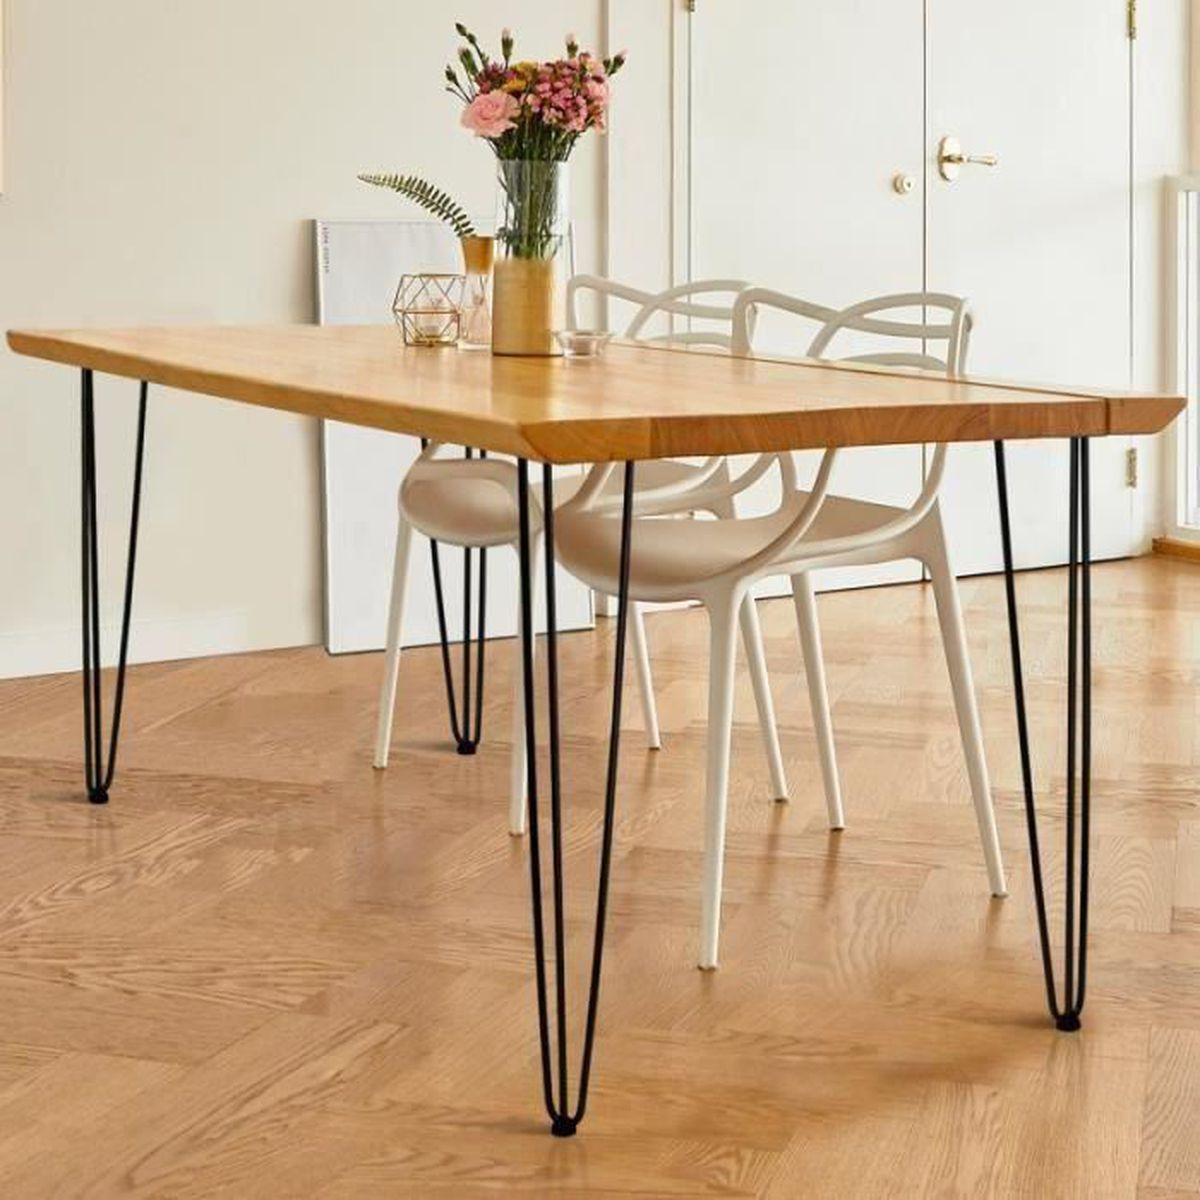 4x brut de meubles en bois naturel pieds ou de ses jambes-sofa Tabourets 150mm M8 chaise 8mm